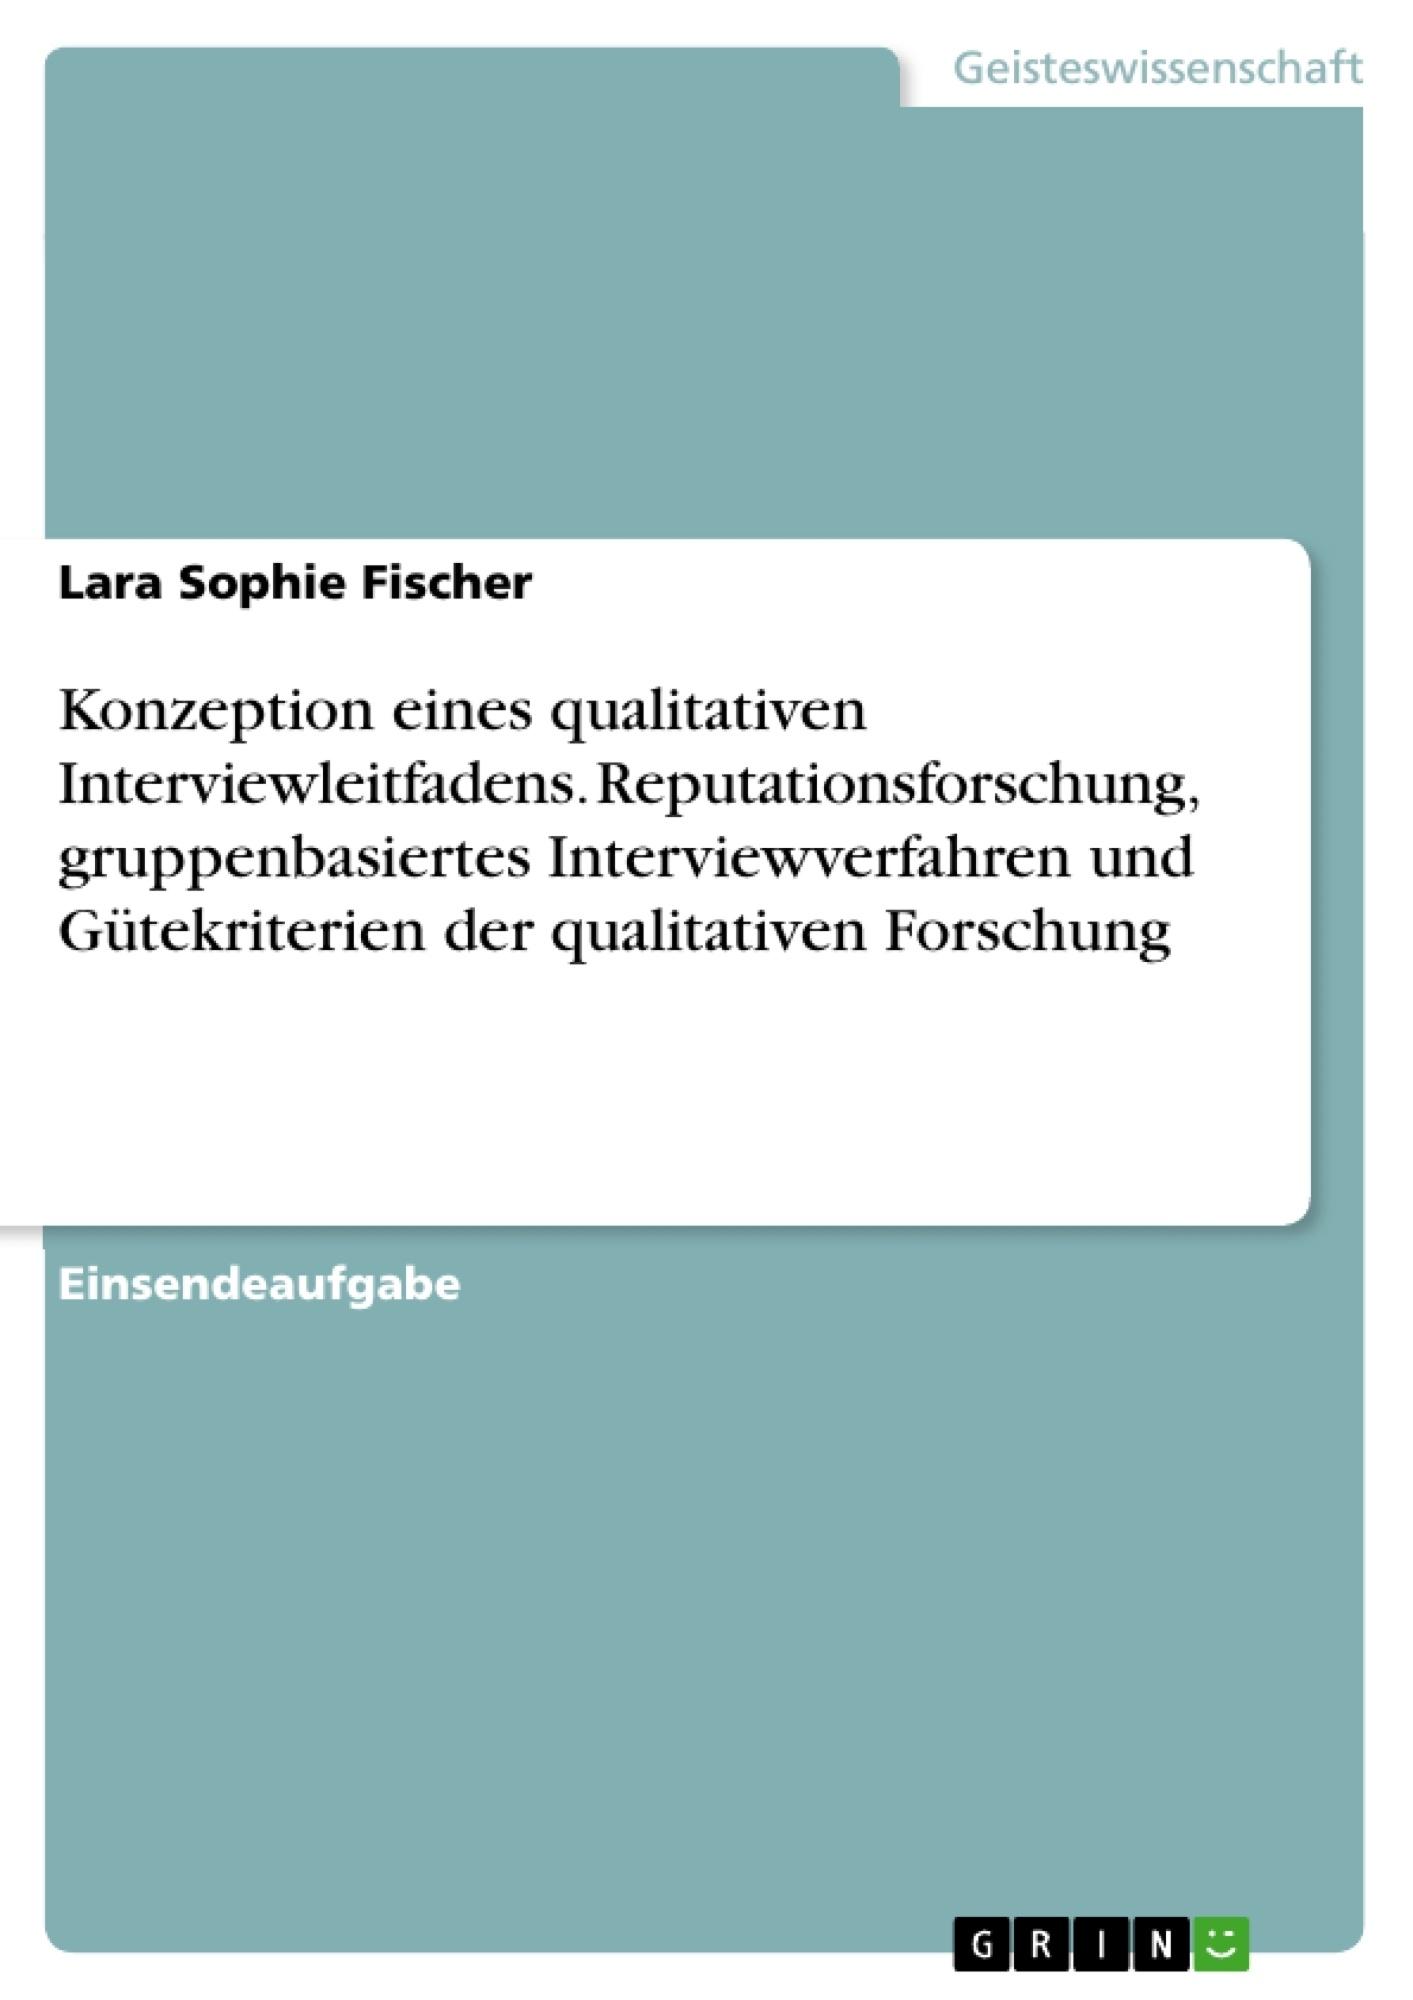 Titel: Konzeption eines qualitativen Interviewleitfadens. Reputationsforschung, gruppenbasiertes Interviewverfahren und Gütekriterien der qualitativen Forschung